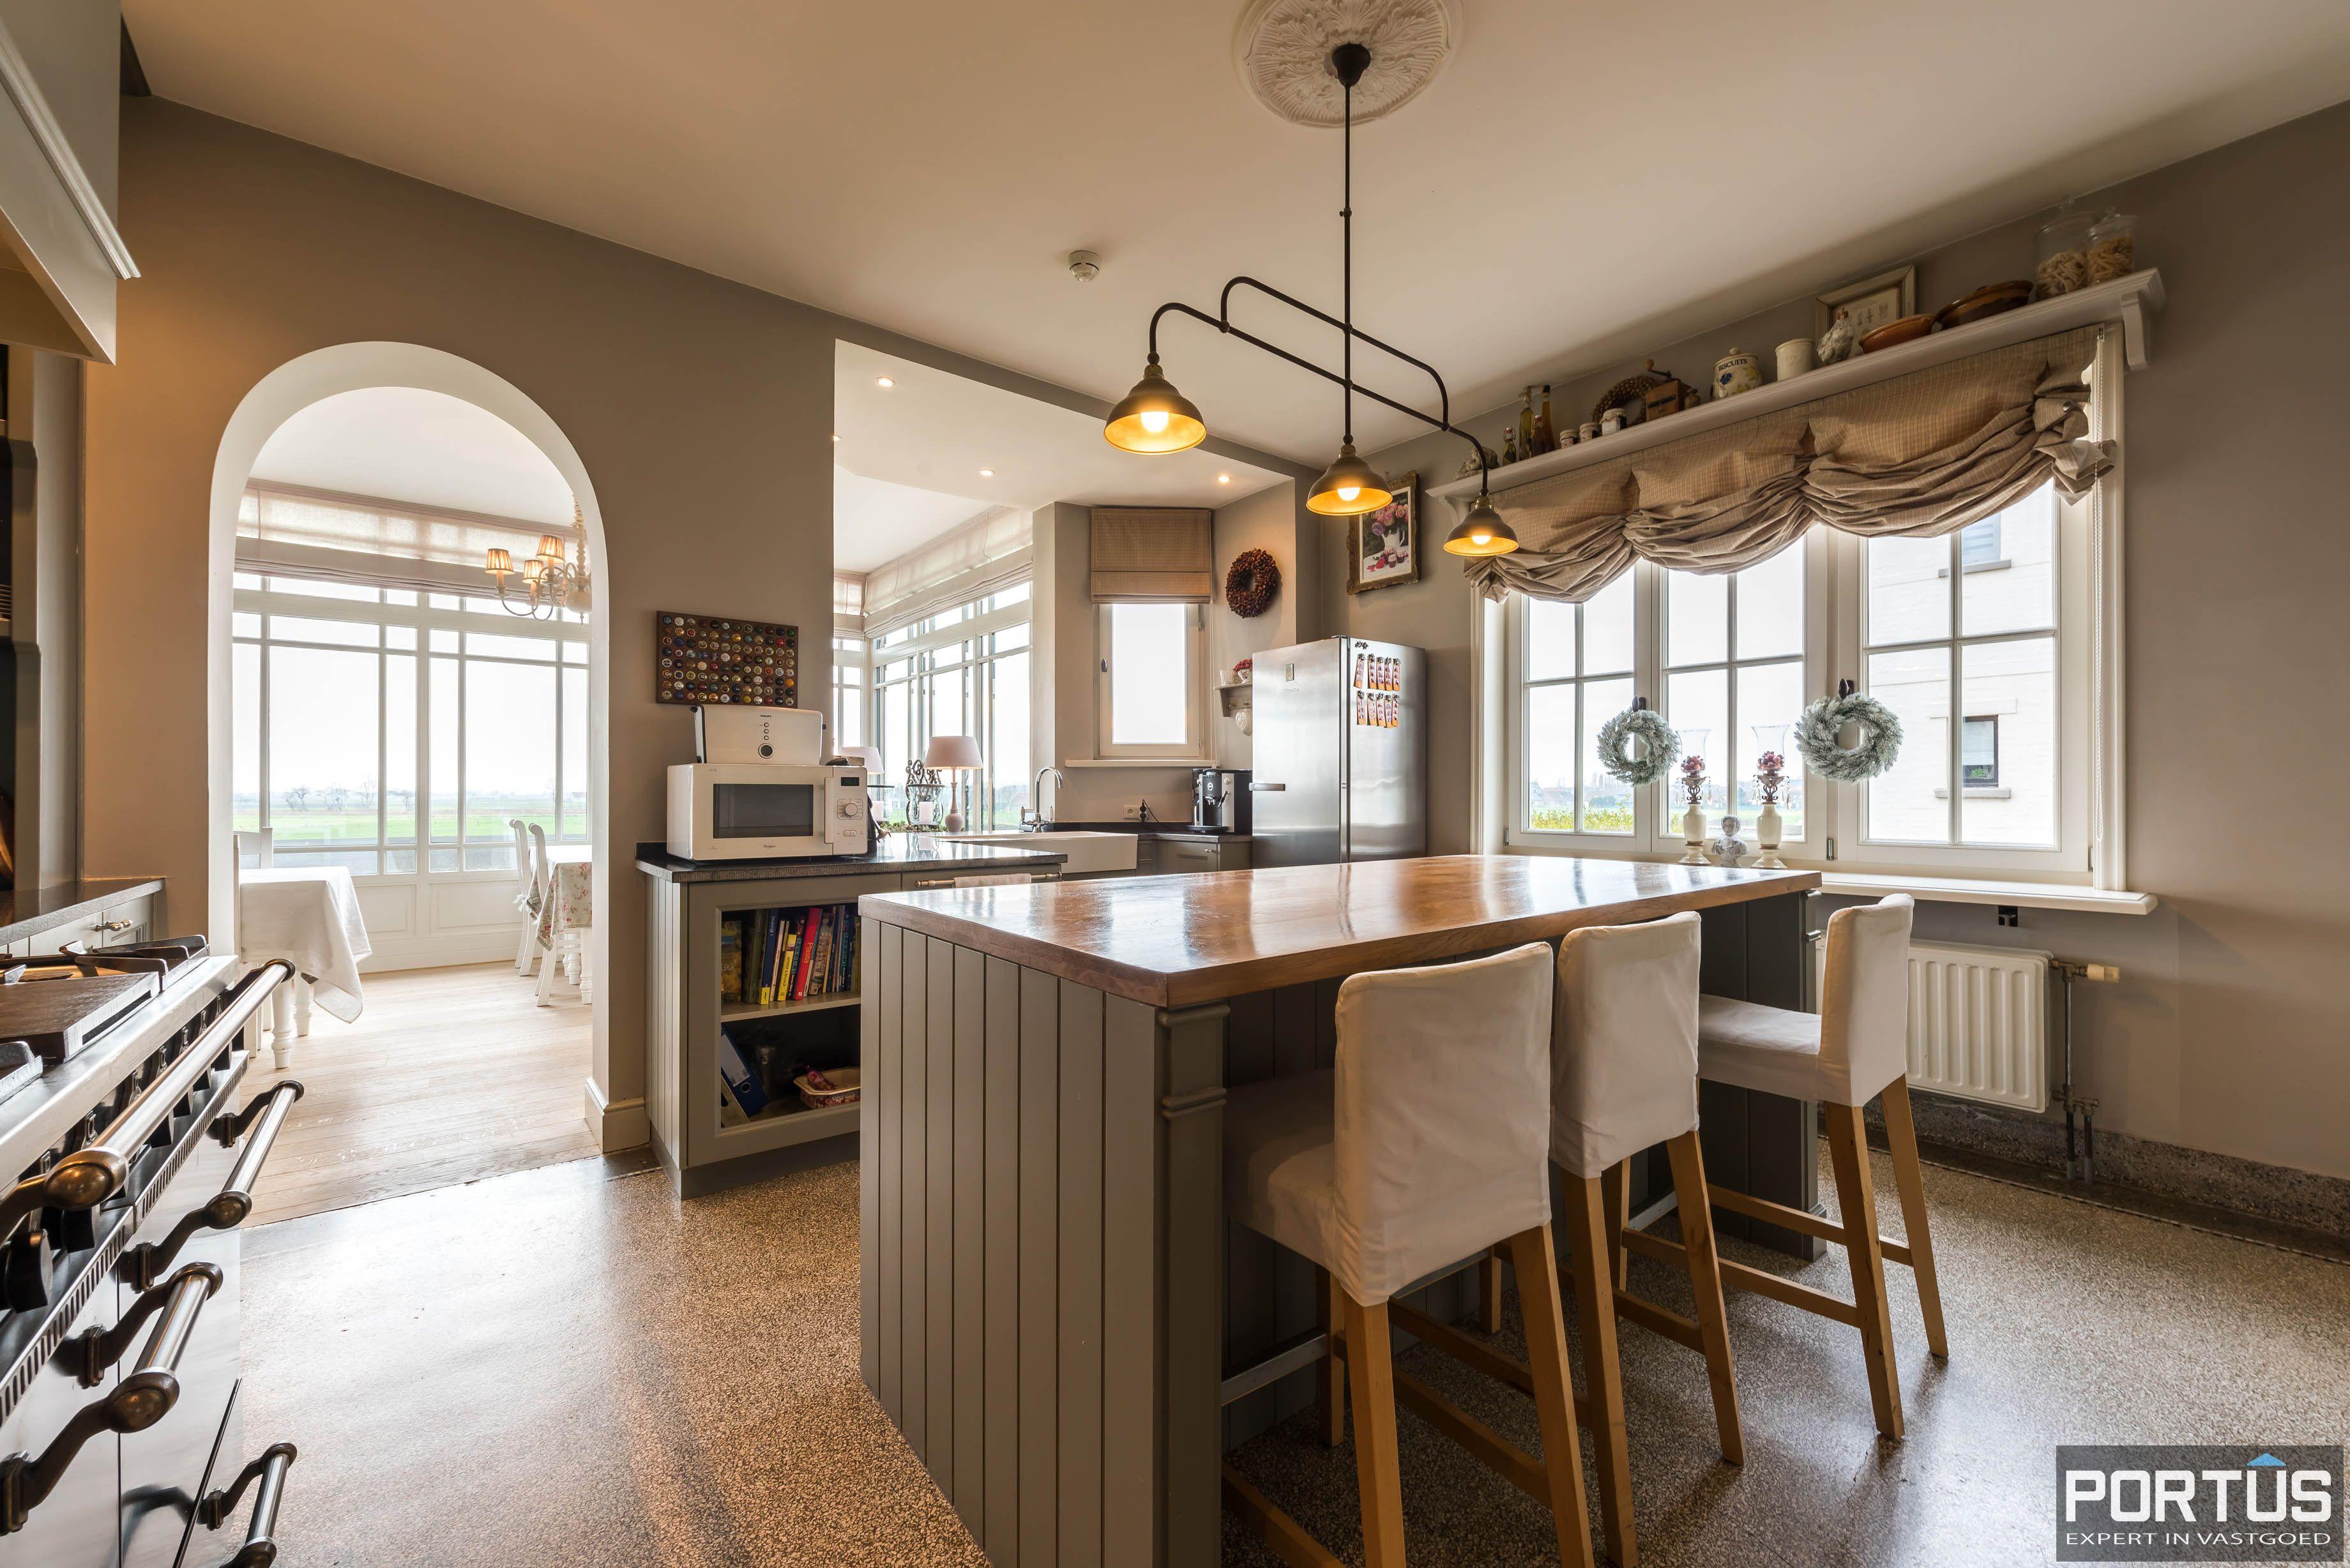 Villa/B&B te koop Westende met 6 slaapkamers - 5433